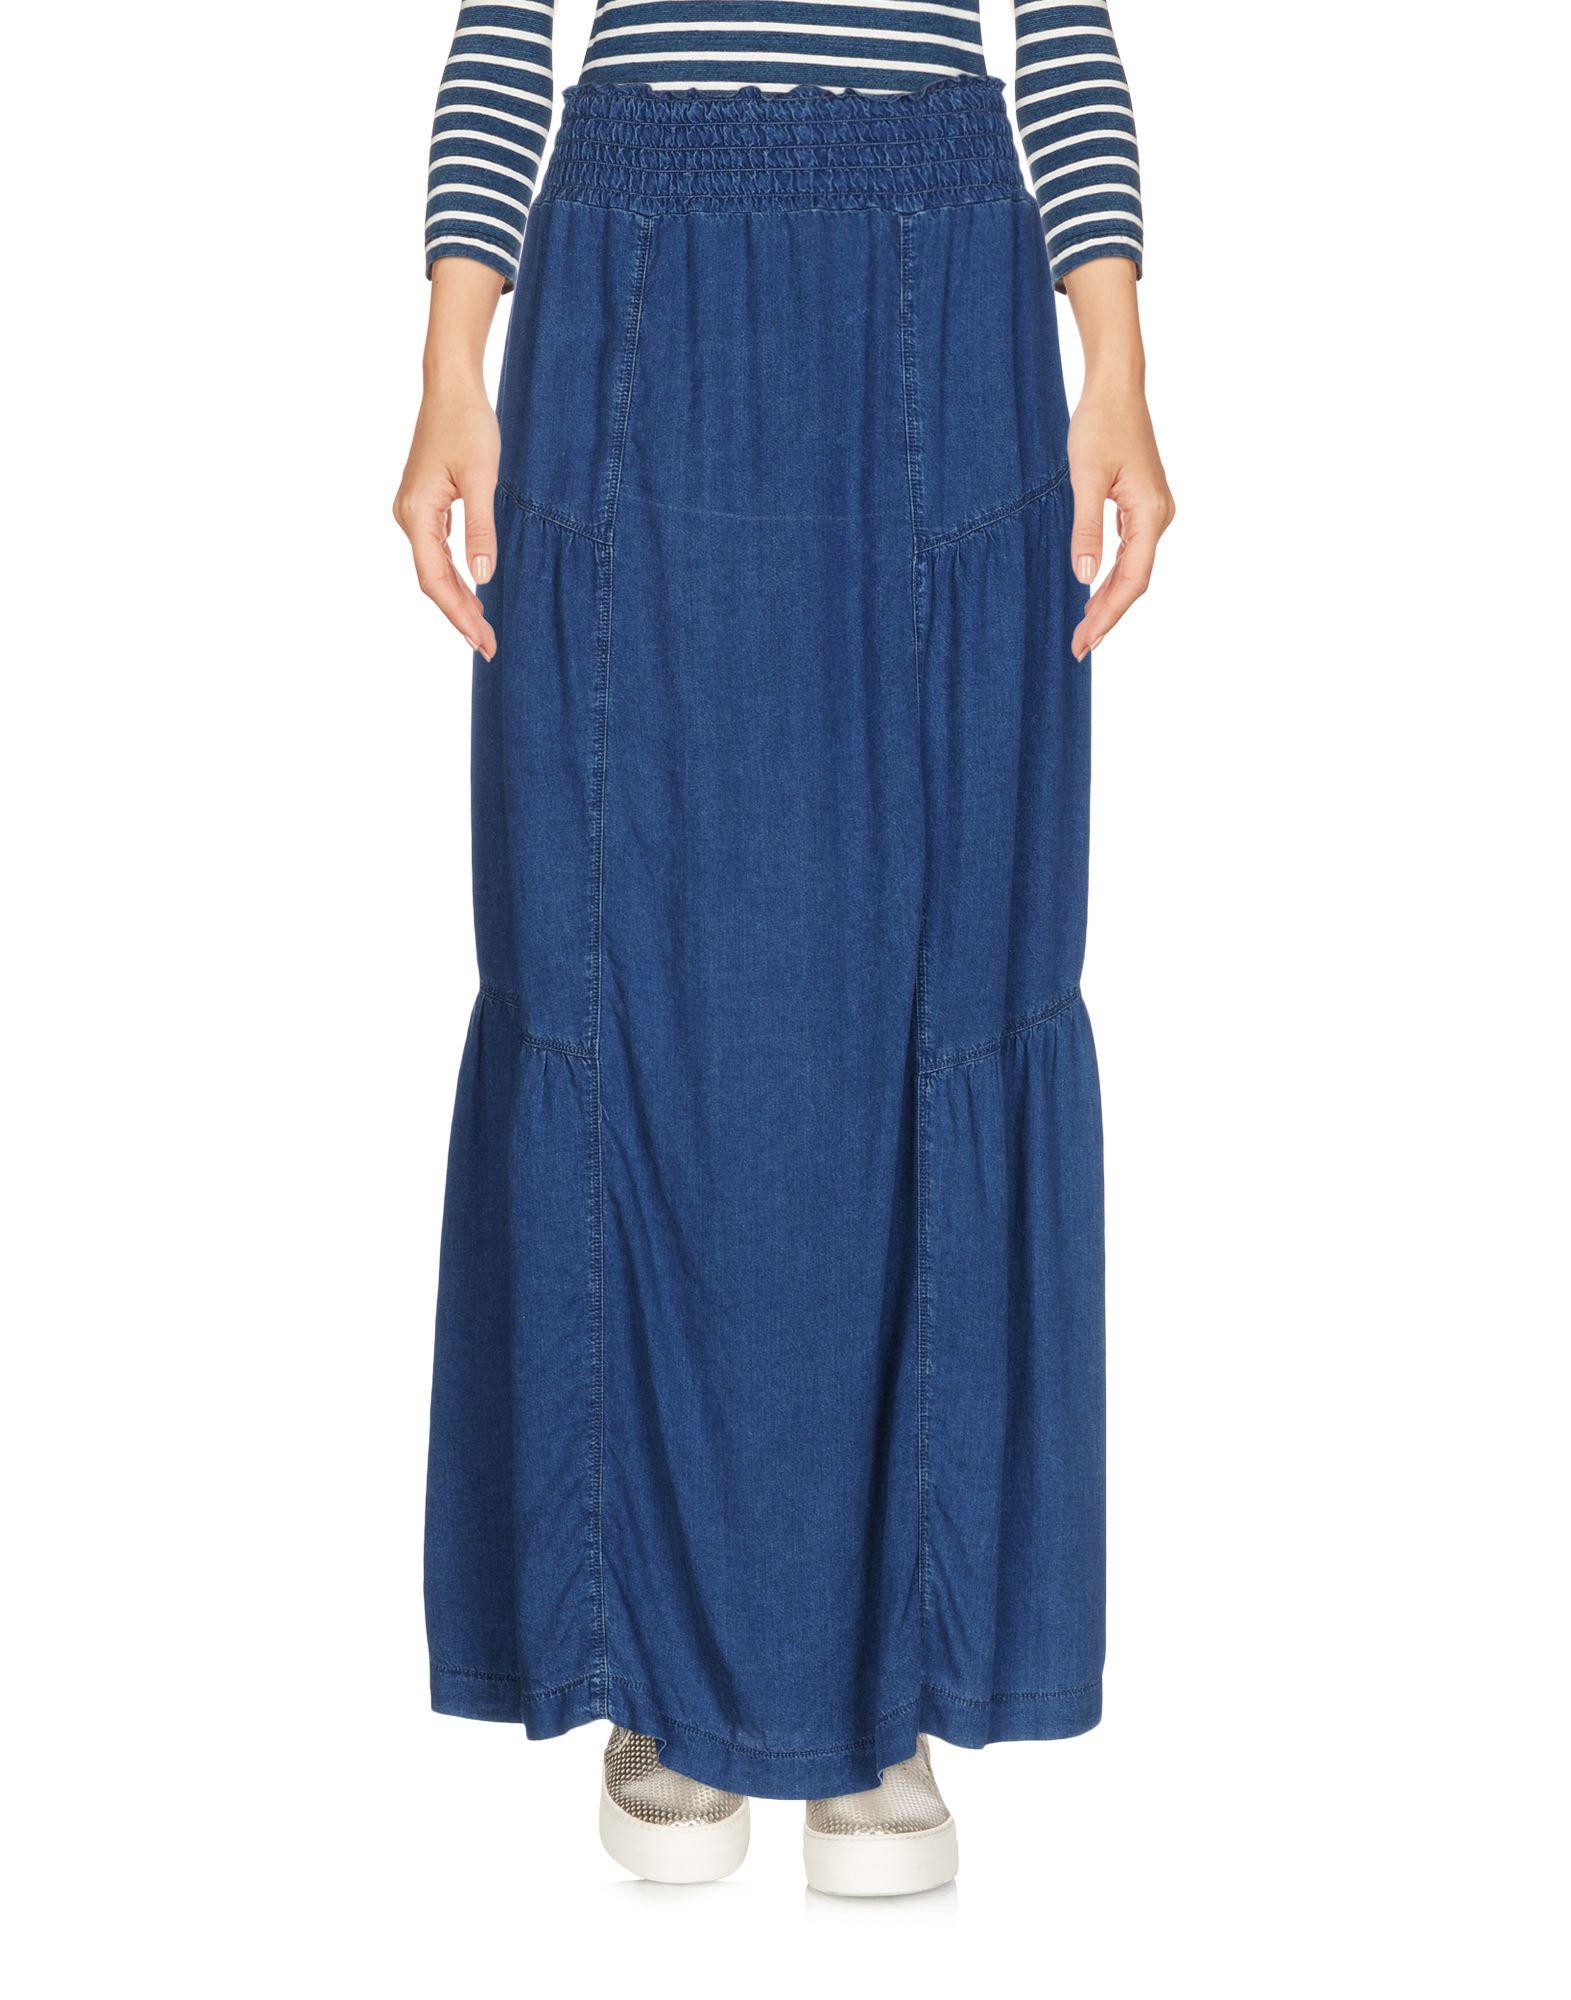 CARLA G. Джинсовая юбка